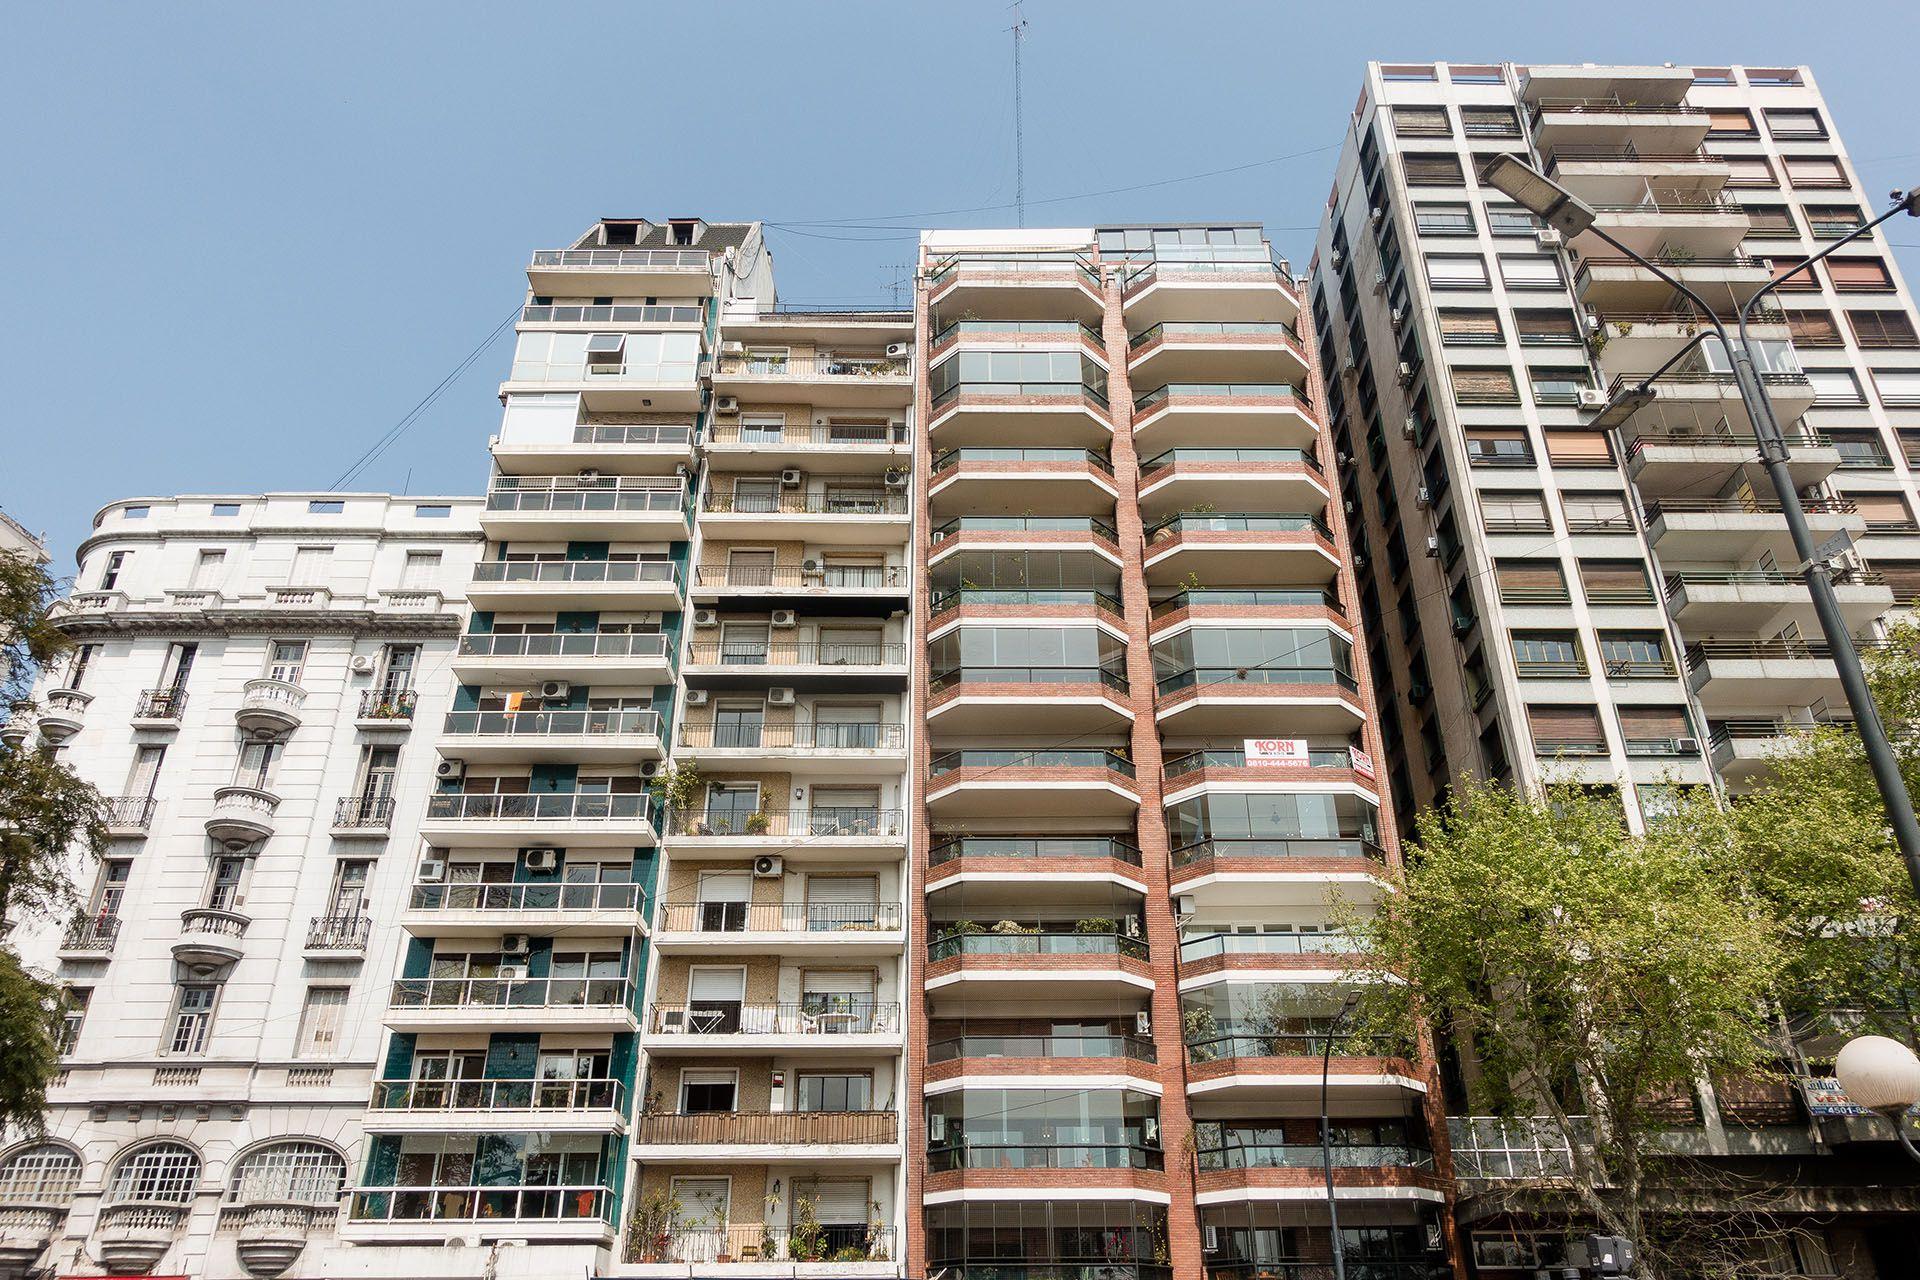 El precio promedio de un alquiler de un departamento de dos ambientes es de $27.765 por mes